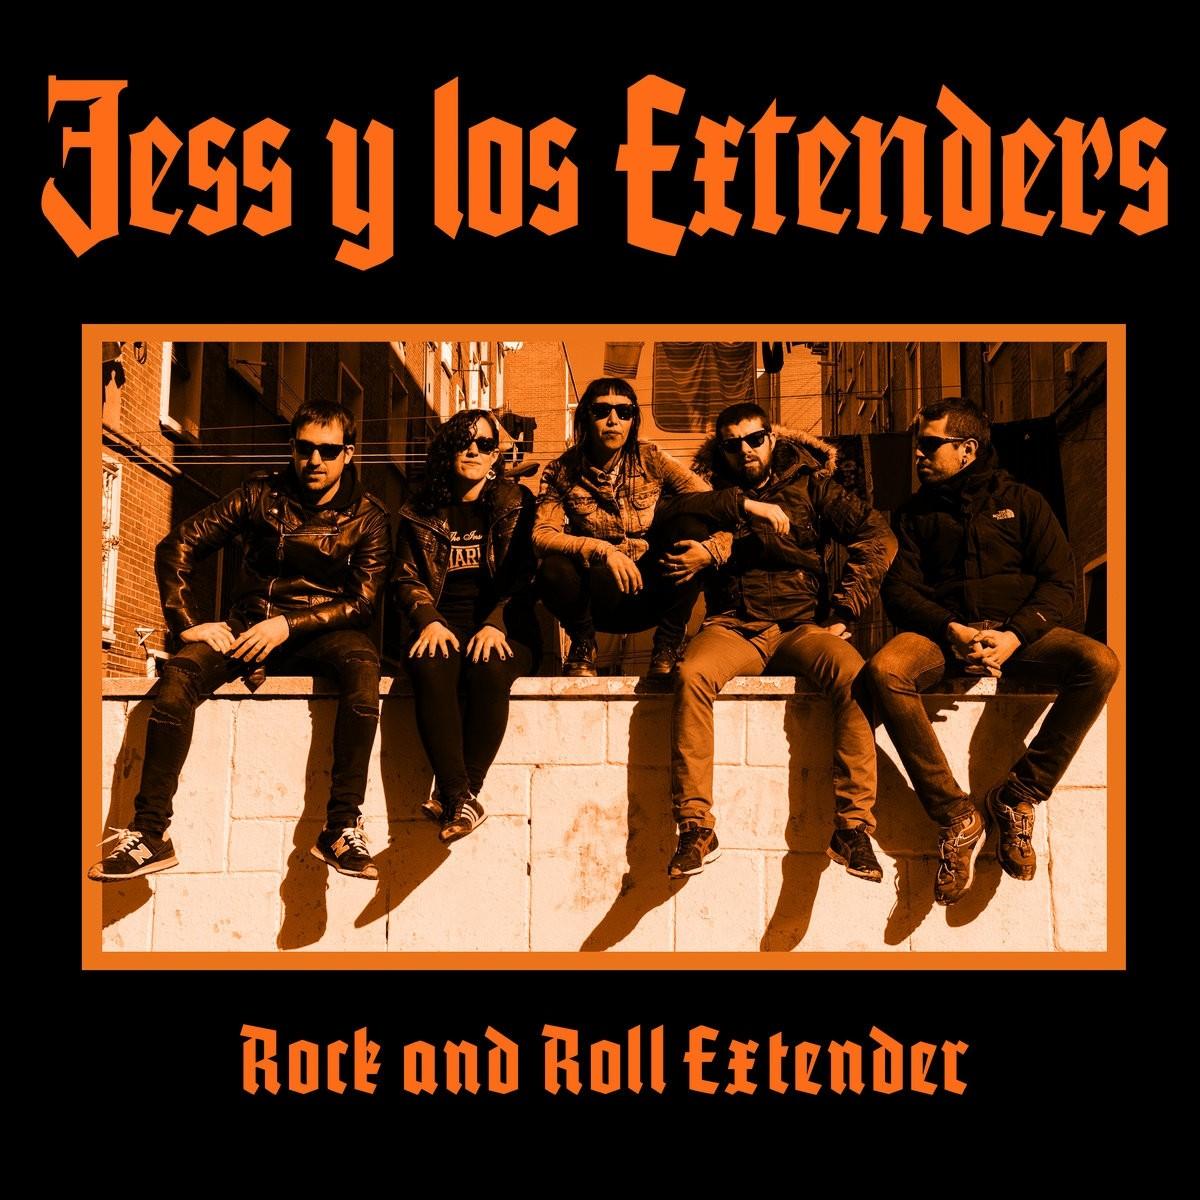 """JESS & LOS EXTENDERS """"R'n'r Extender"""""""